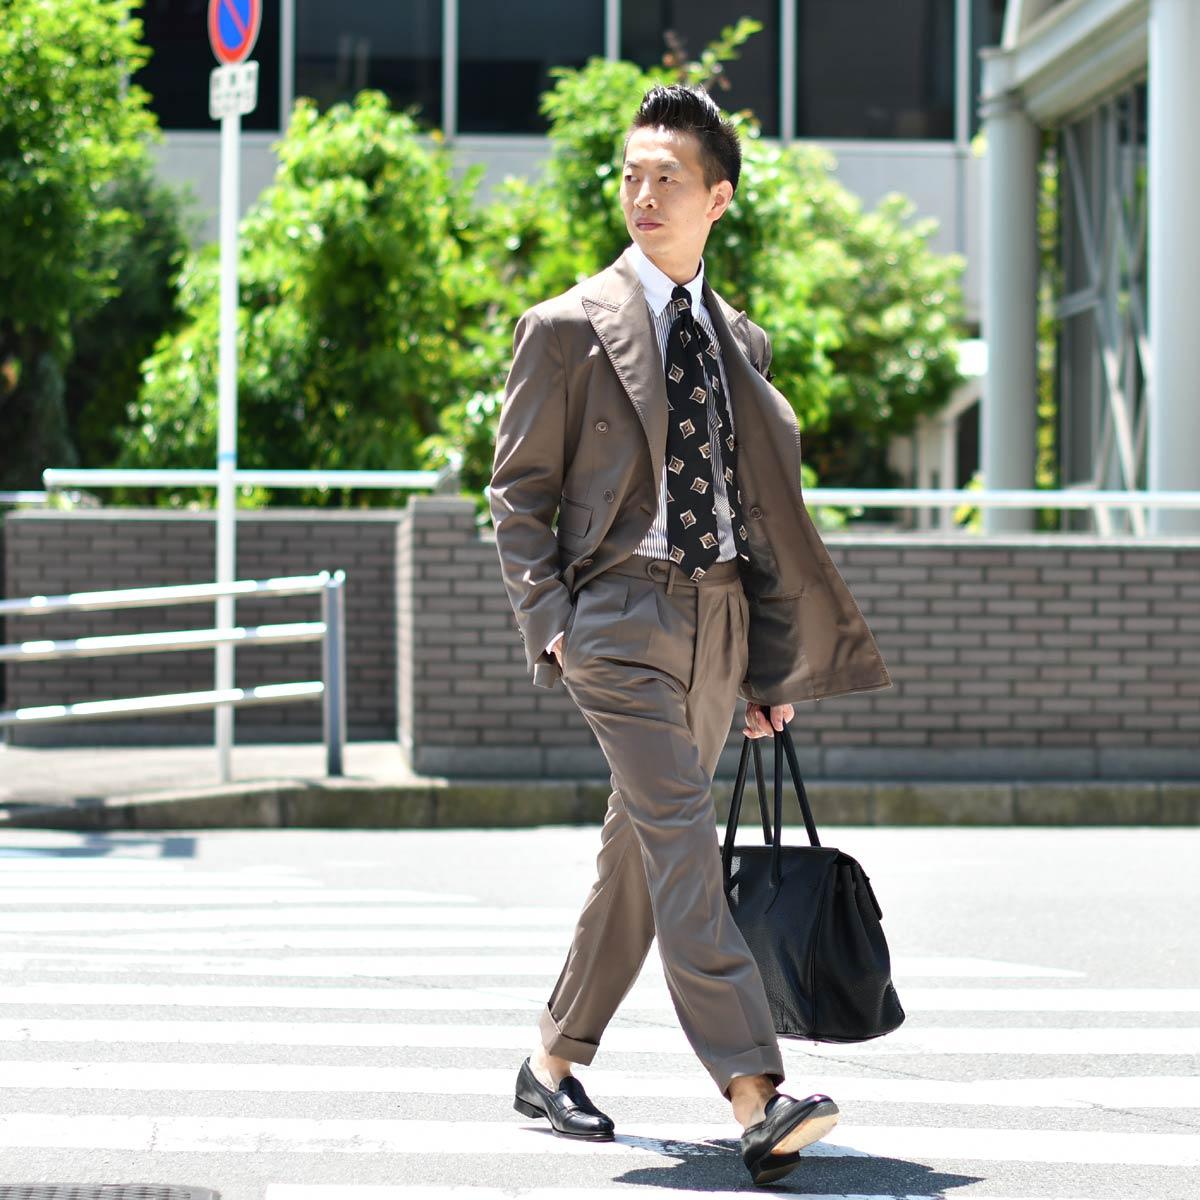 艶っぽさと色気を醸し出すスーツスタイル!!De Petrillo【デ ペトリロ】